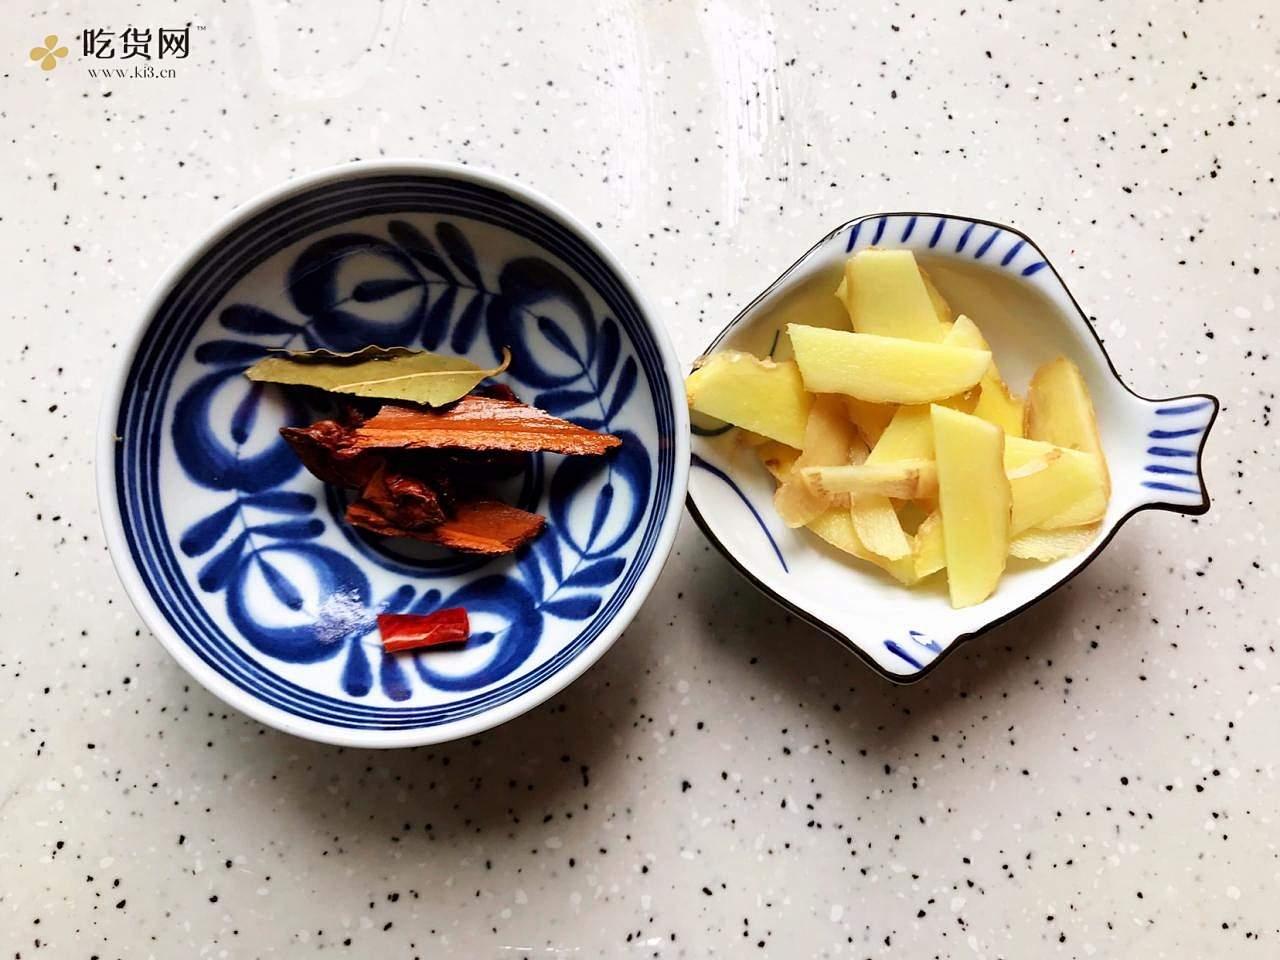 红烧排骨鸡翅根(高压锅懒人版)的做法 步骤2